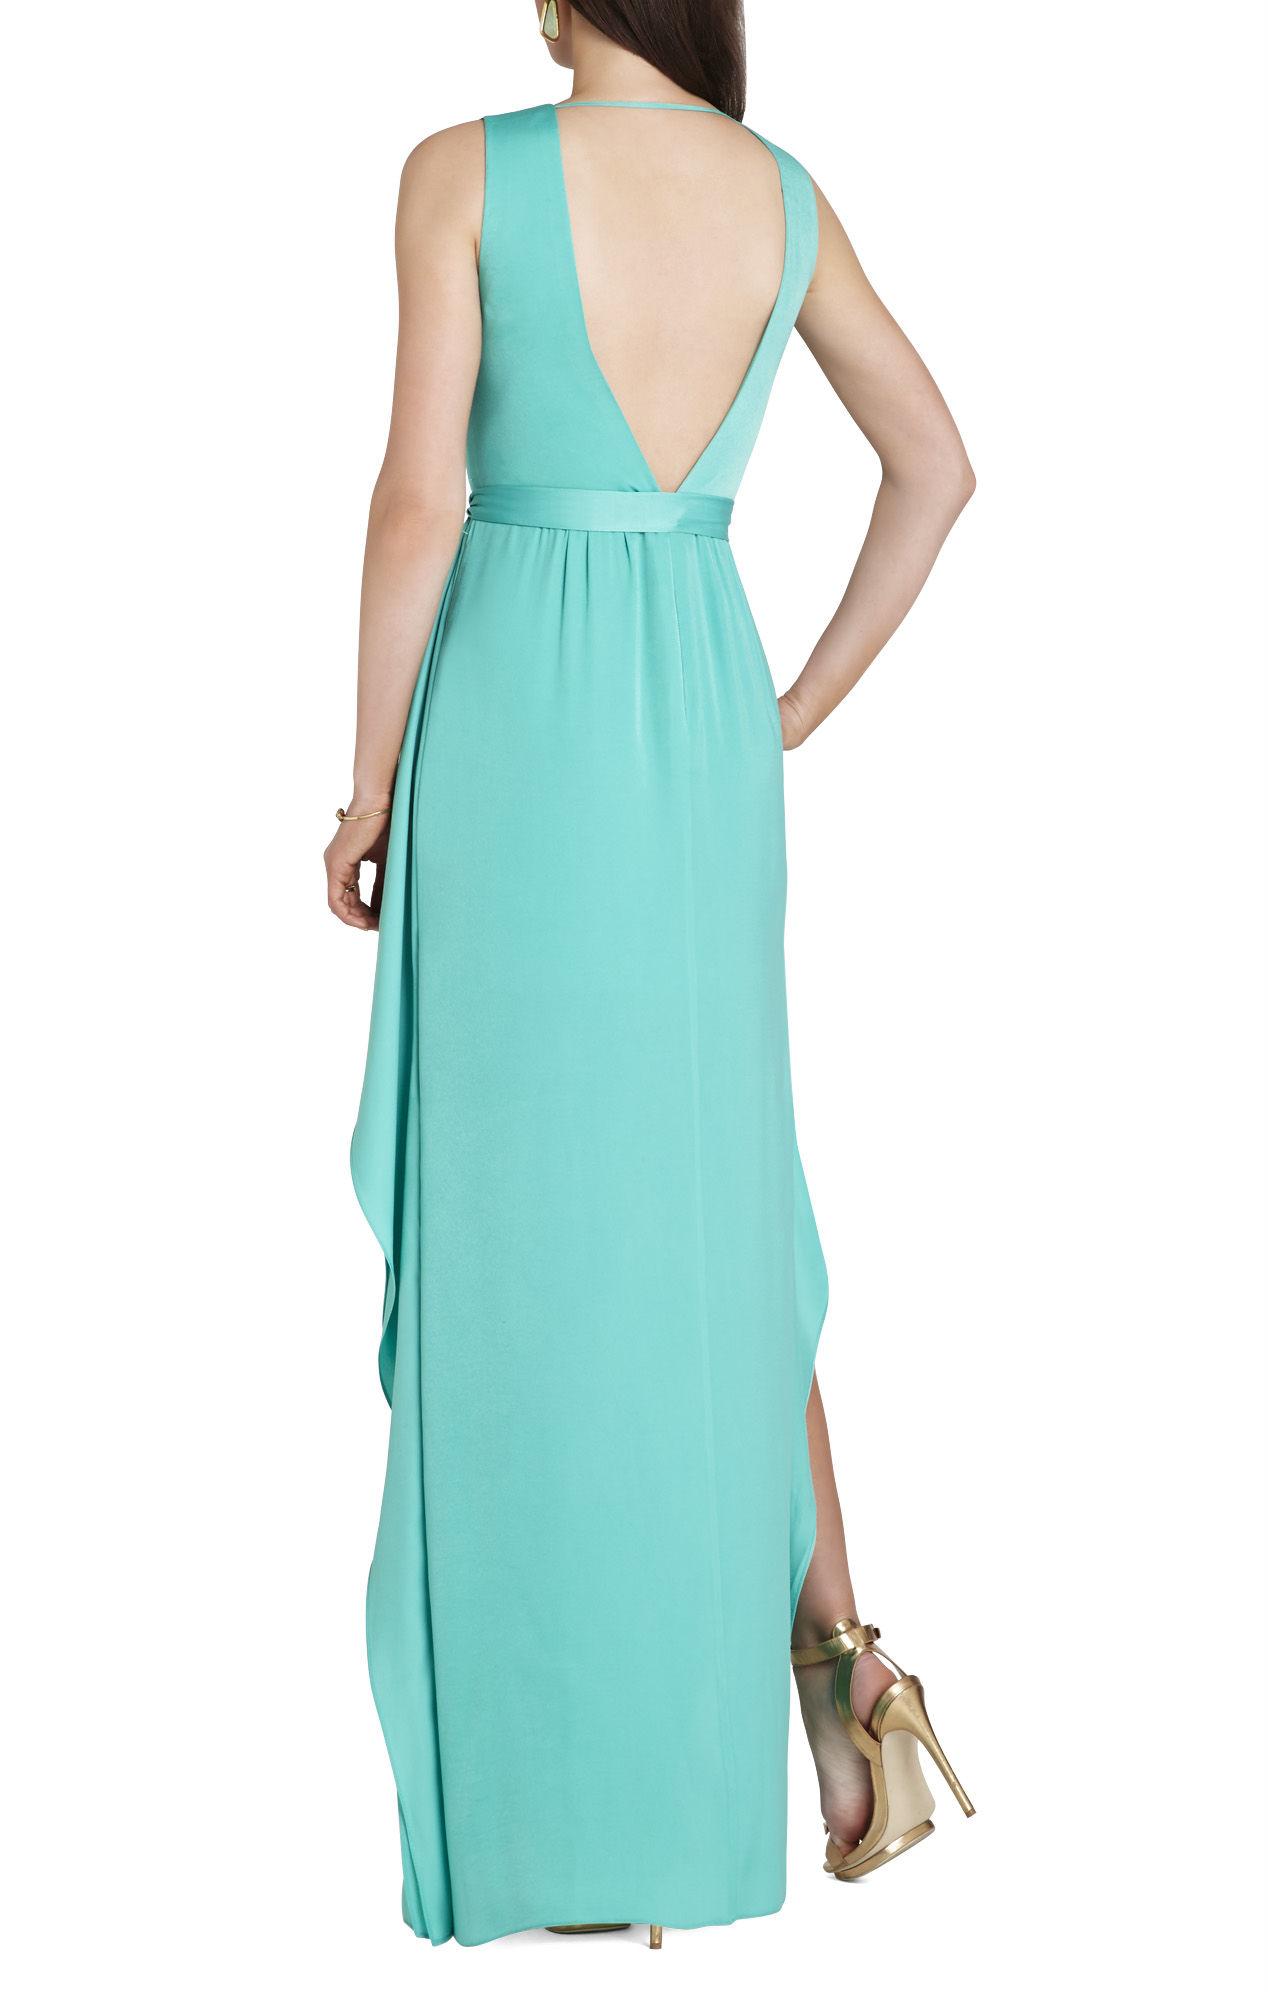 BCBG MaxAzria Suzanne Sleeveless Tie-Waist Gown_01